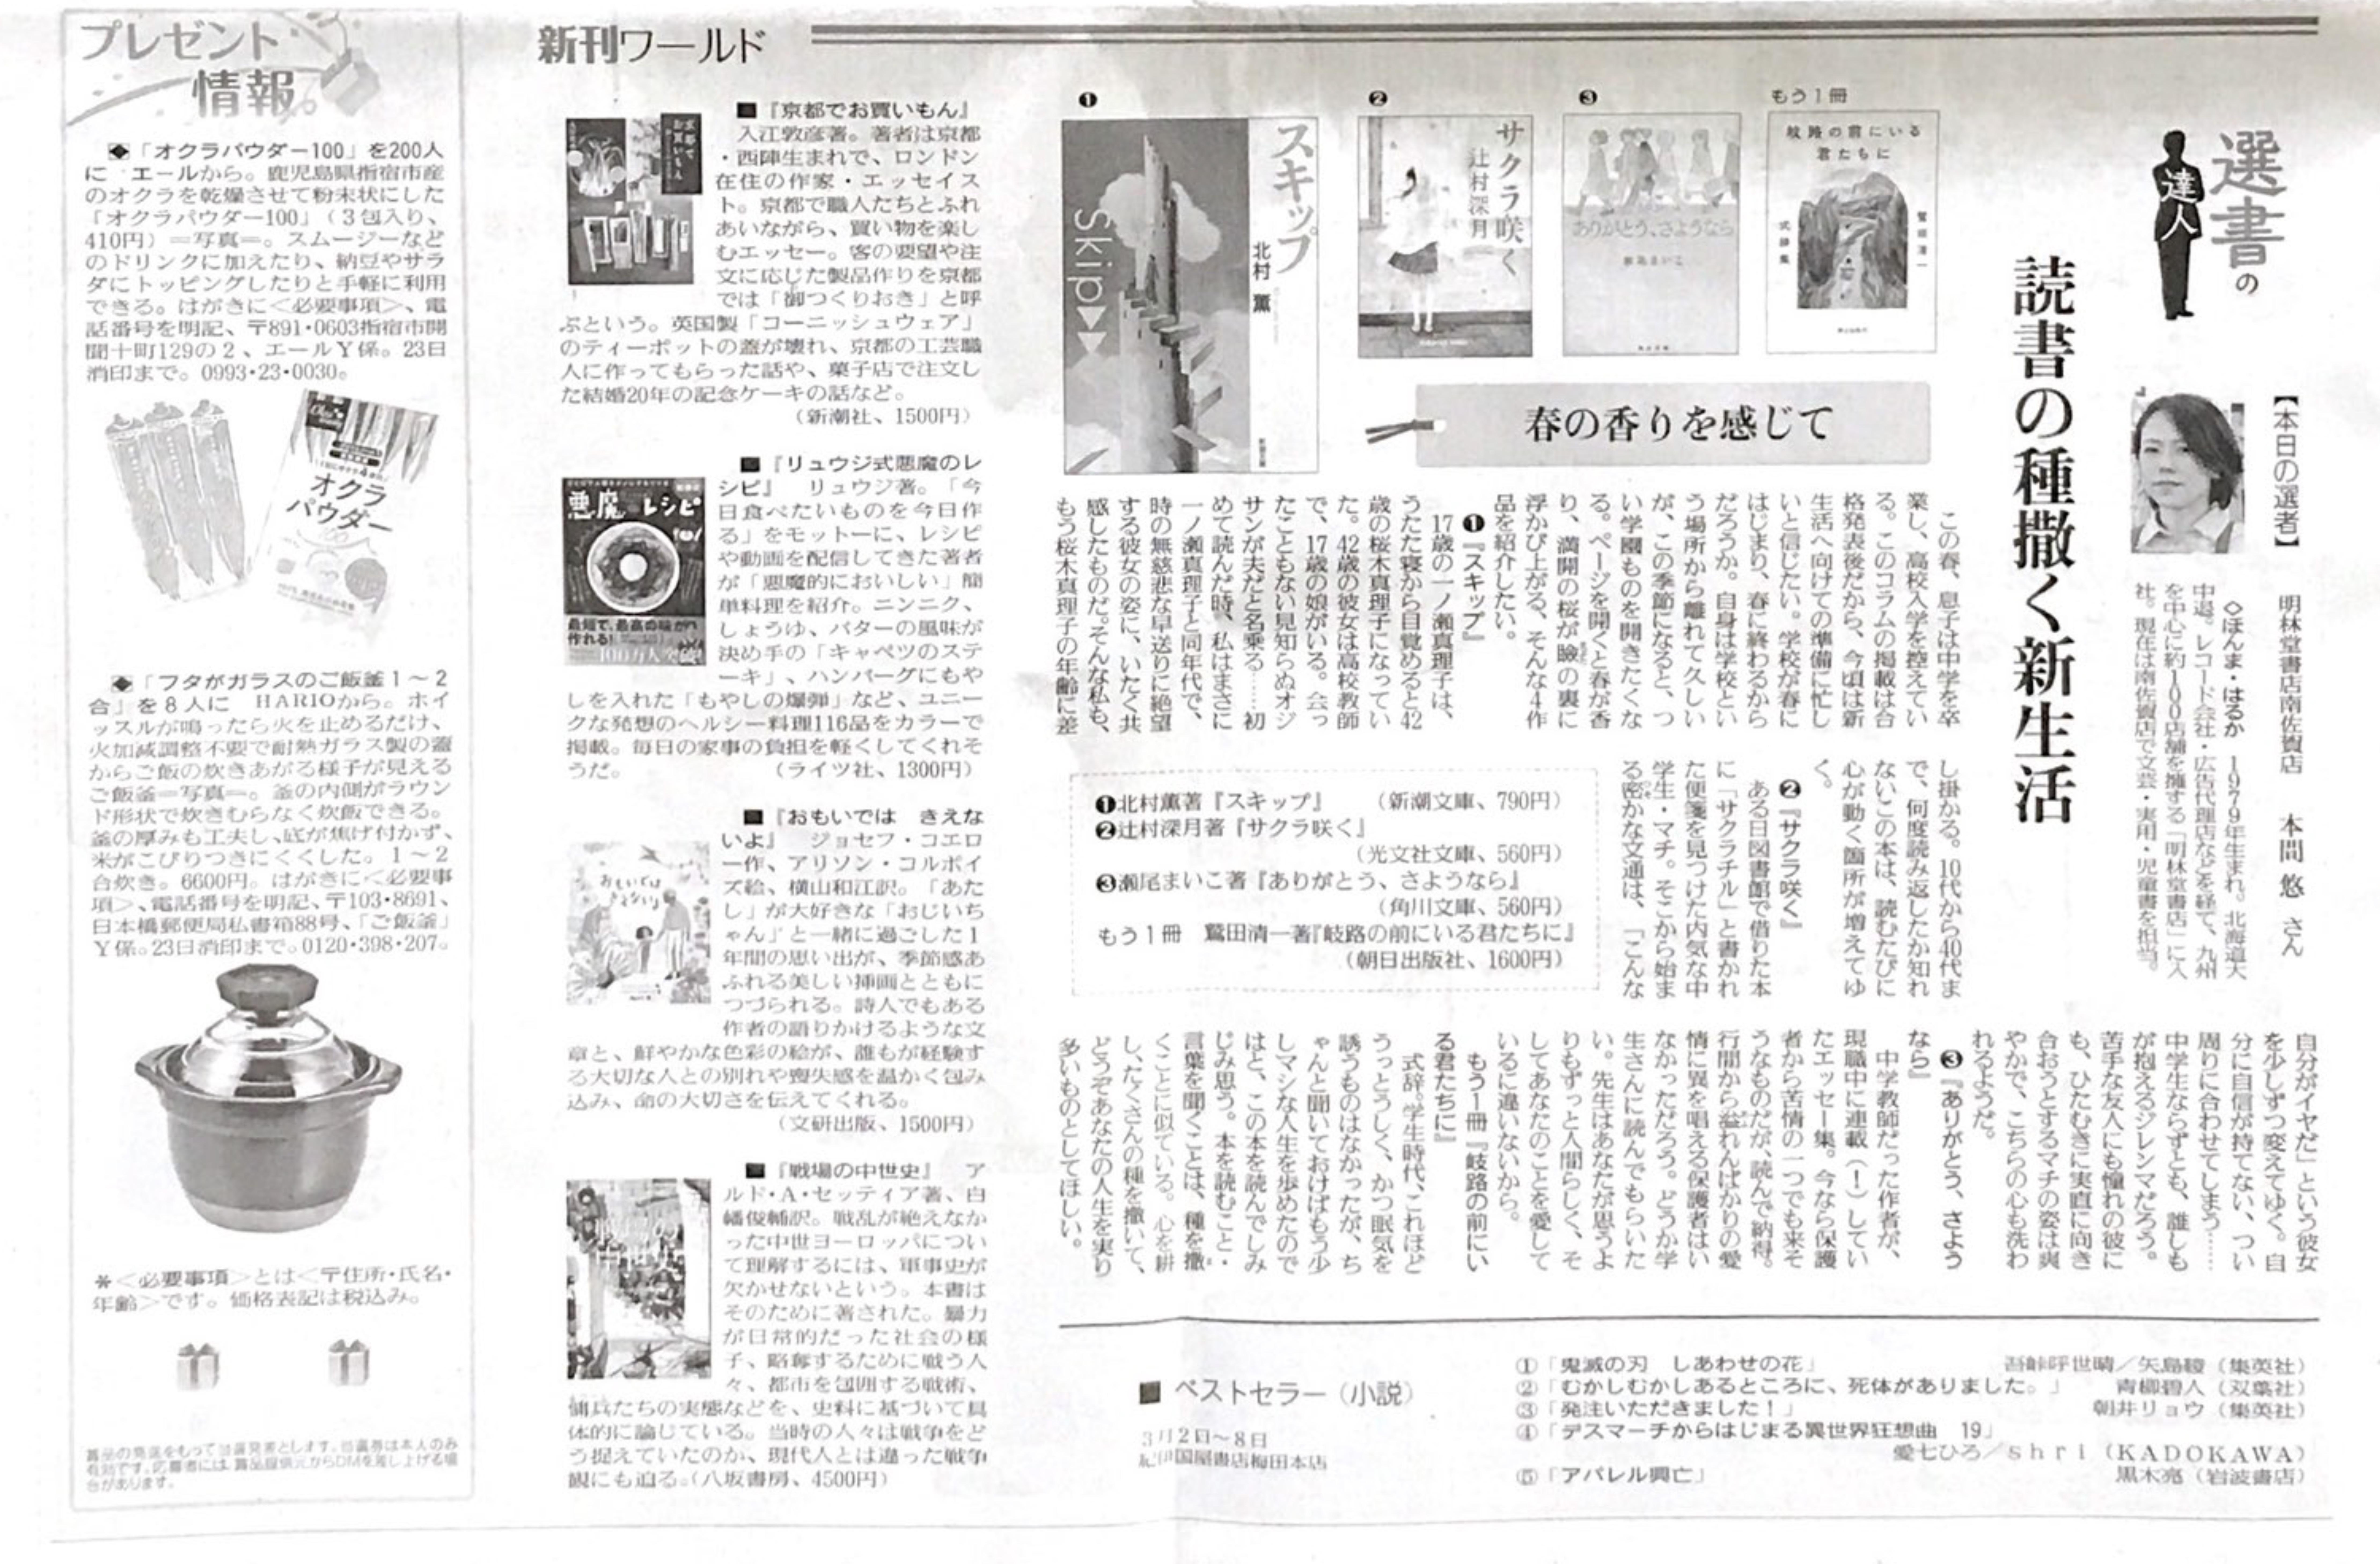 「読売新聞で『リュウジ式悪魔のレシピ』が紹介されました!」記事アイキャッチ画像